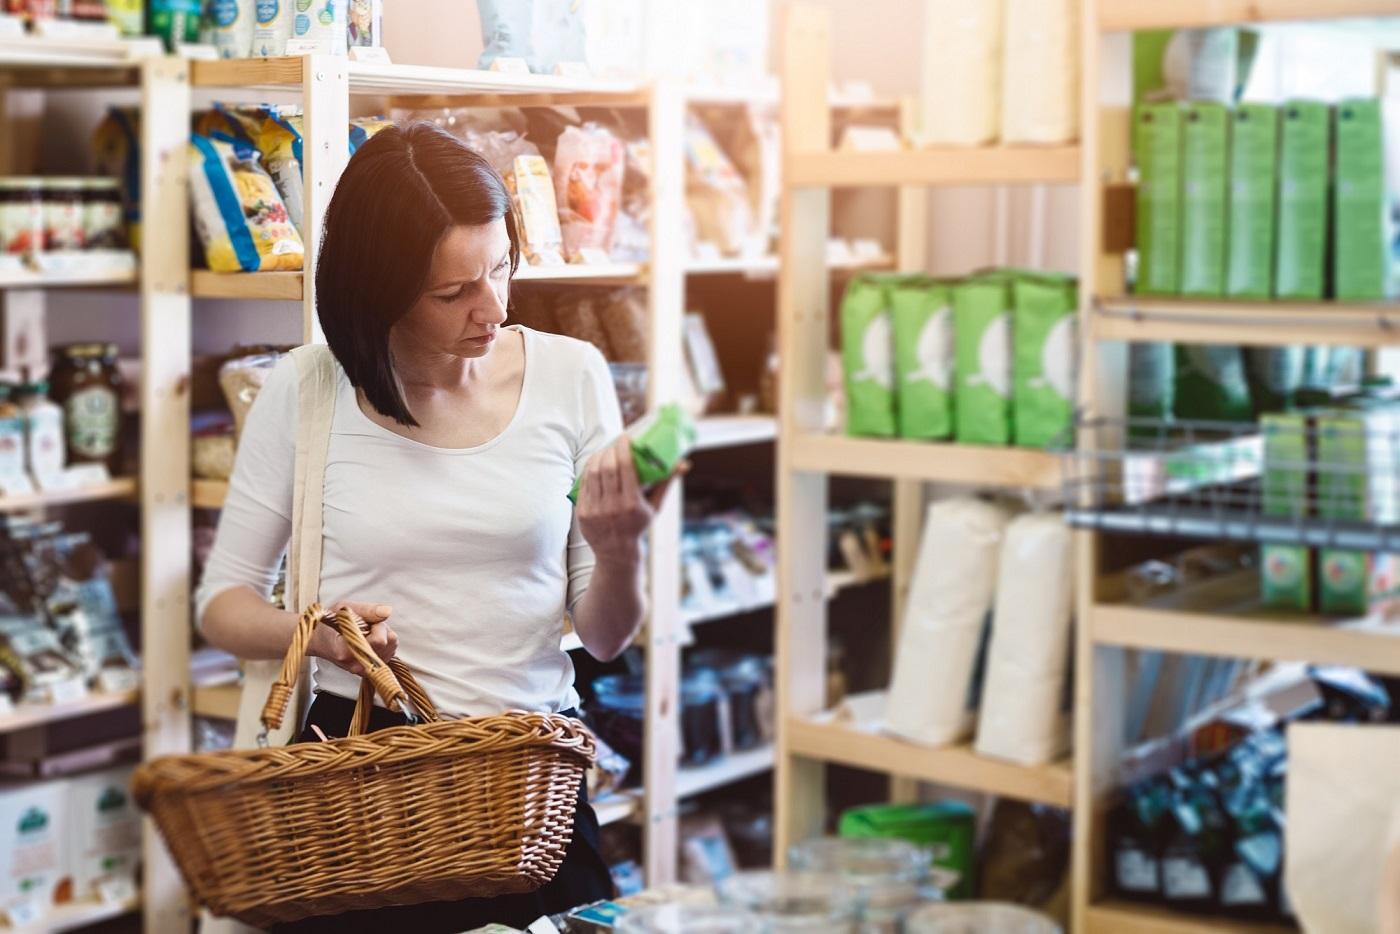 femme qui fait ses courses